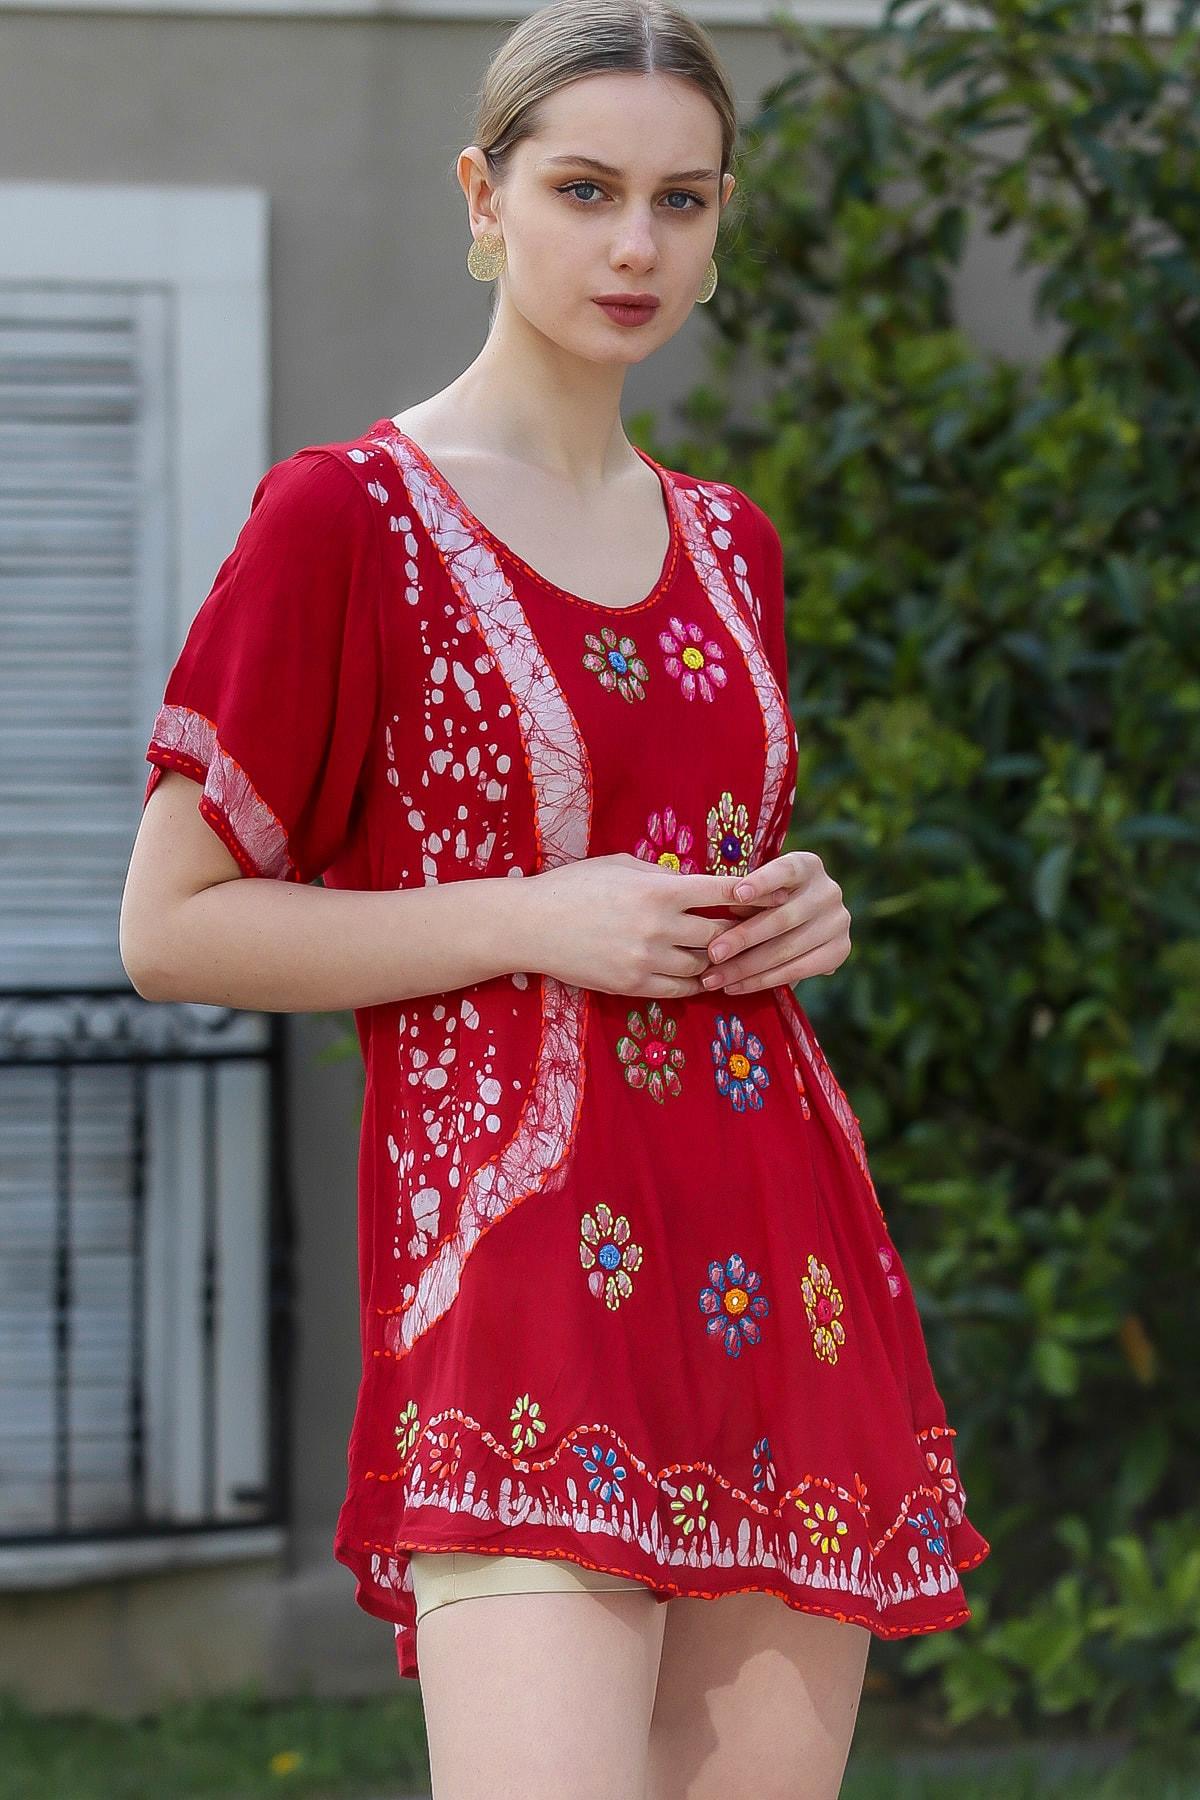 Chiccy Kadın Bordo U Yaka Çiçek Nakışlı Batik Desenli Salaş Tunik Bluz M10010200BL95380 2